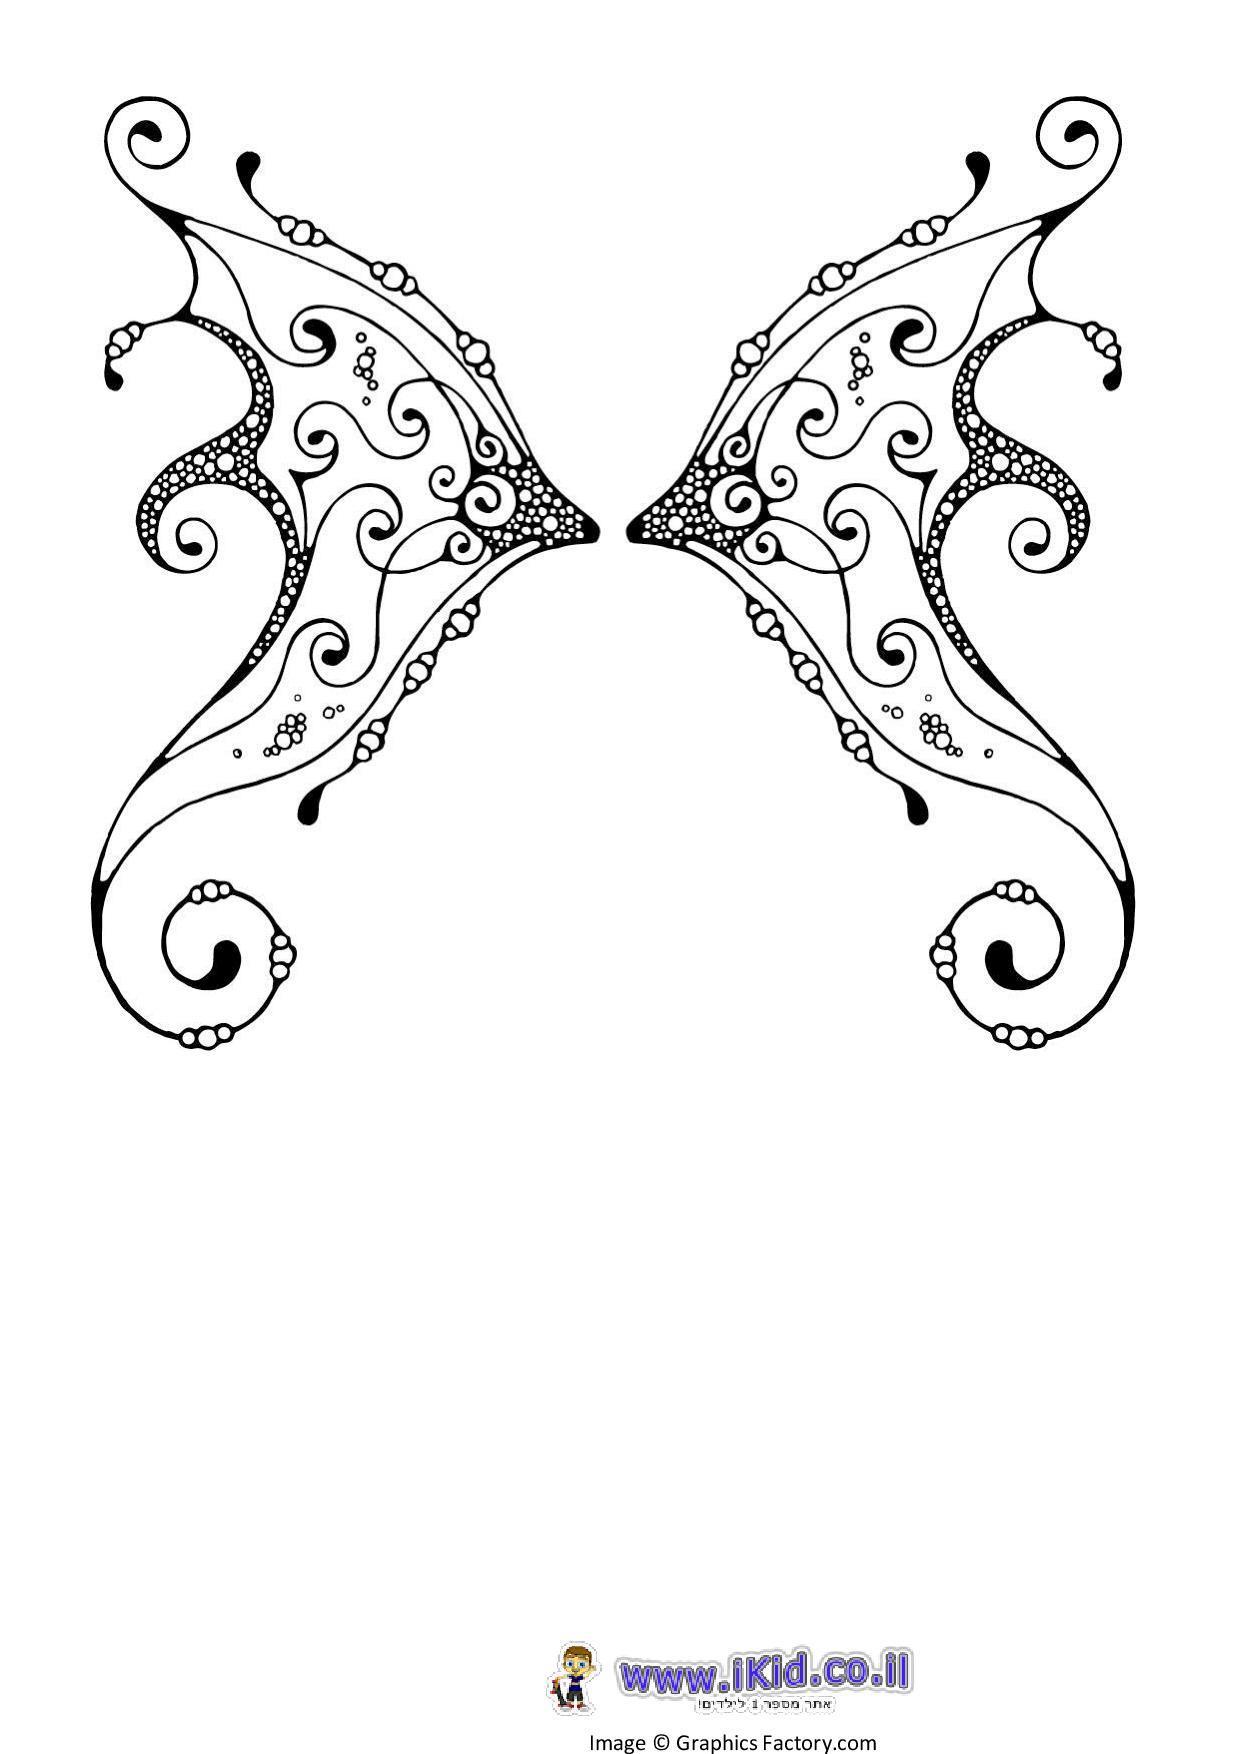 כנפיים של פיה 1